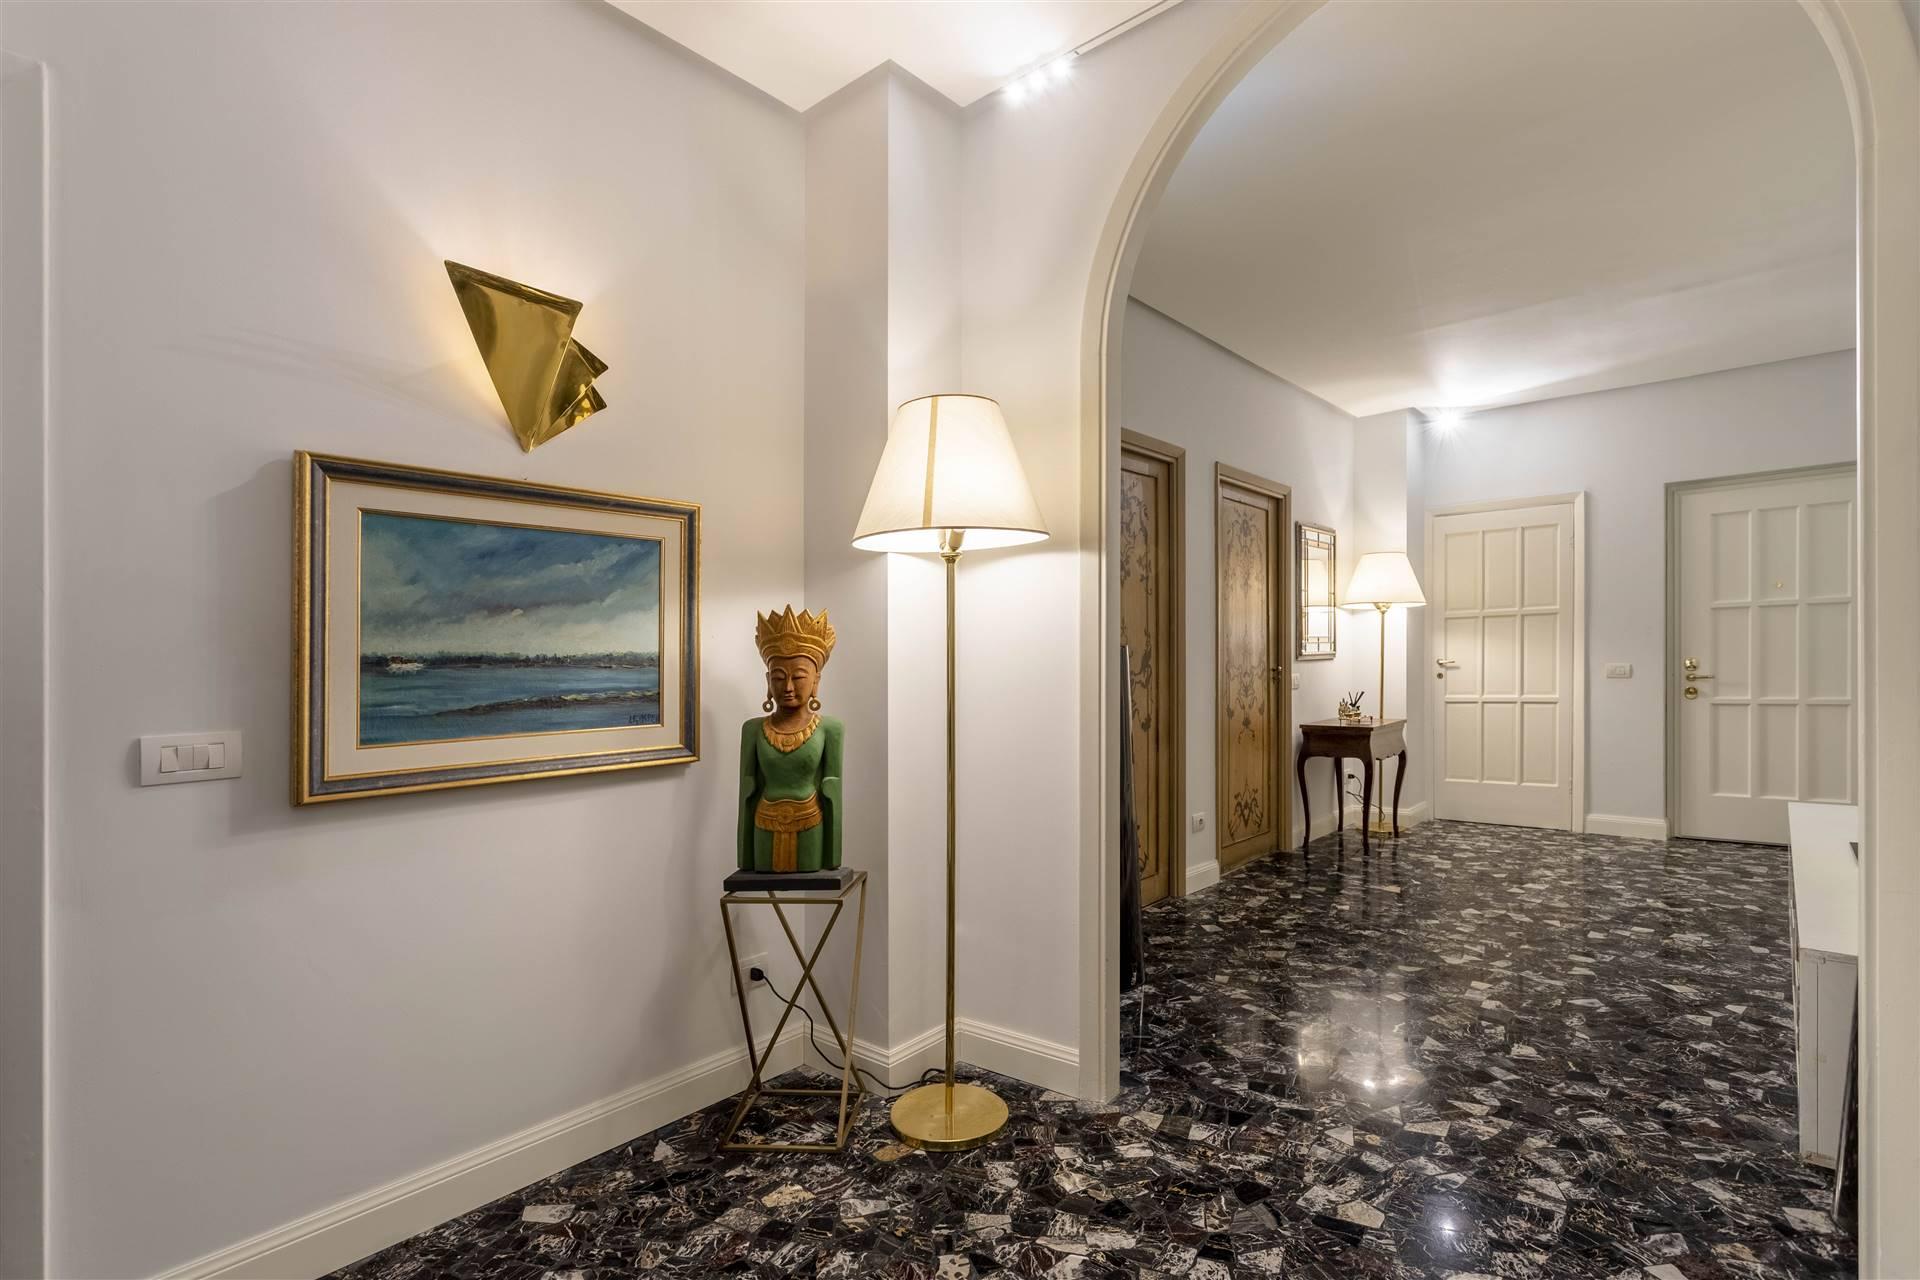 Appartamento in vendita a Milano, 8 locali, zona Località: CITY LIFE, prezzo € 2.100.000   CambioCasa.it